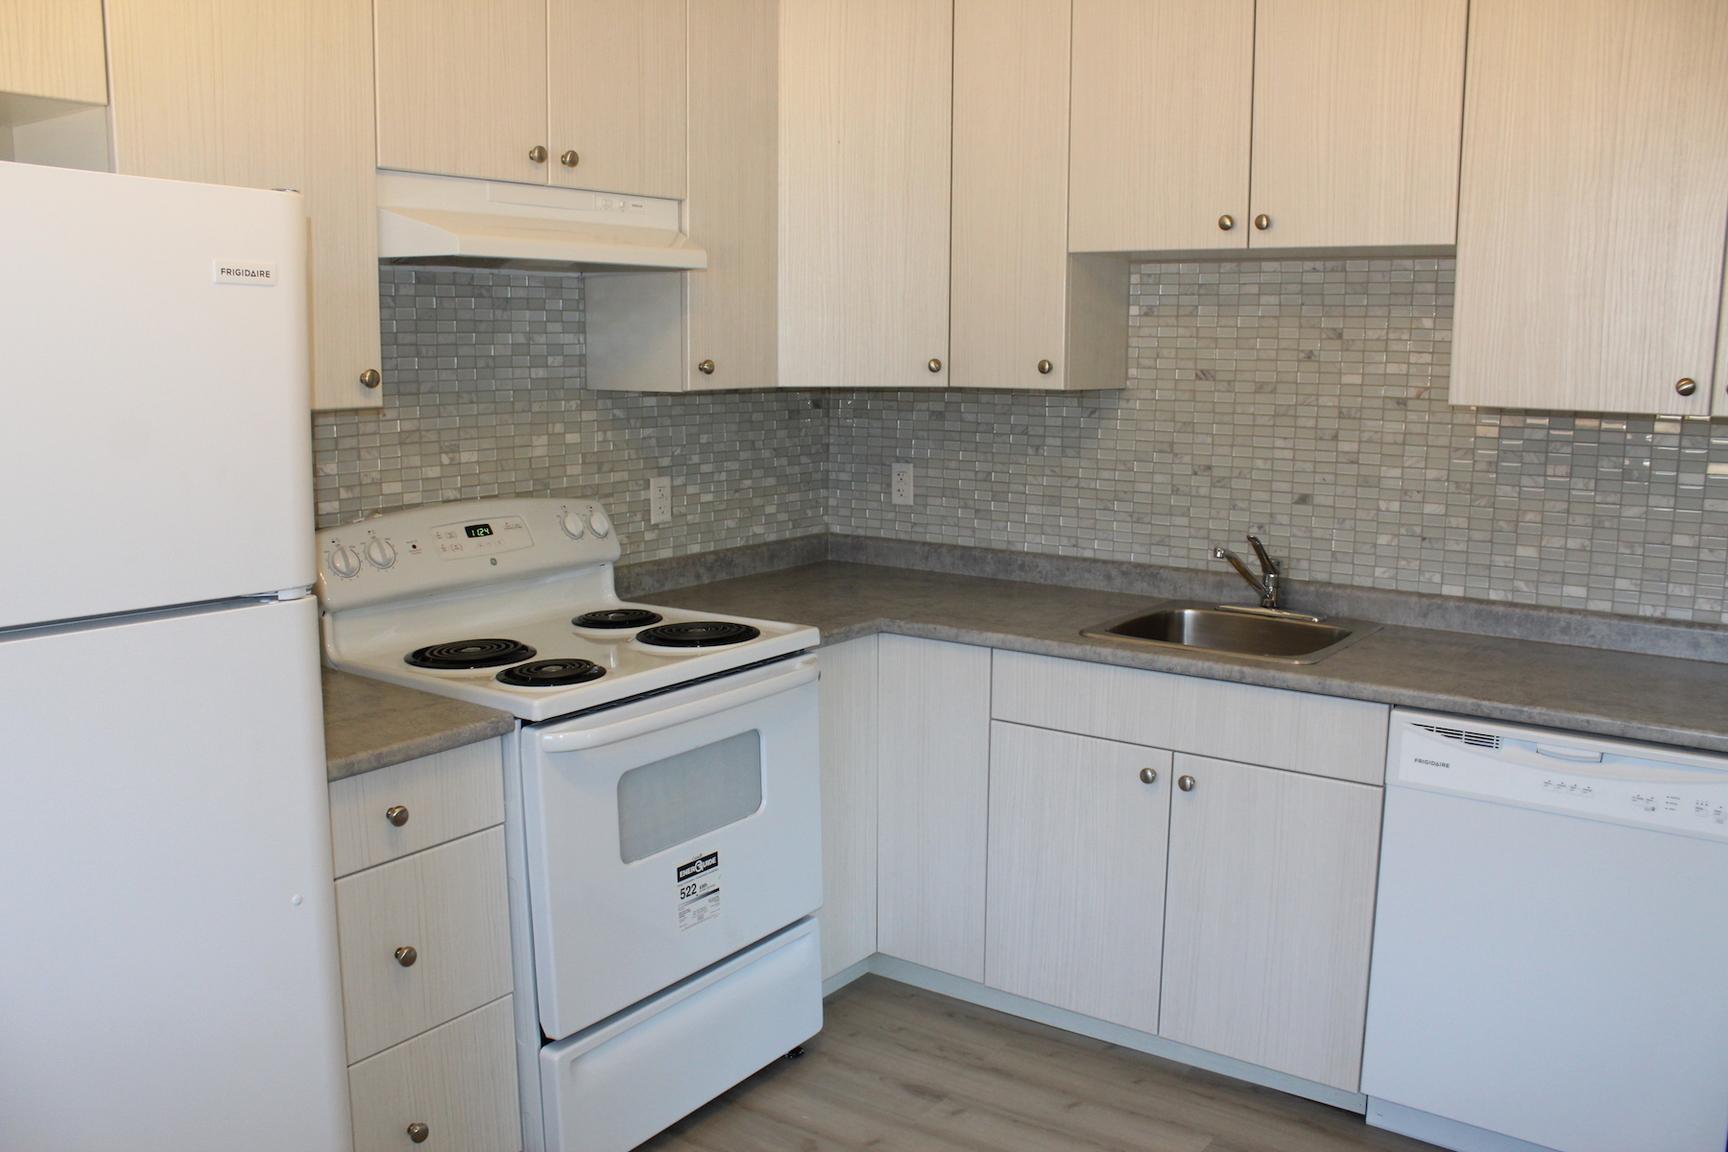 3954 Retallack Street, Regina, SK - $854